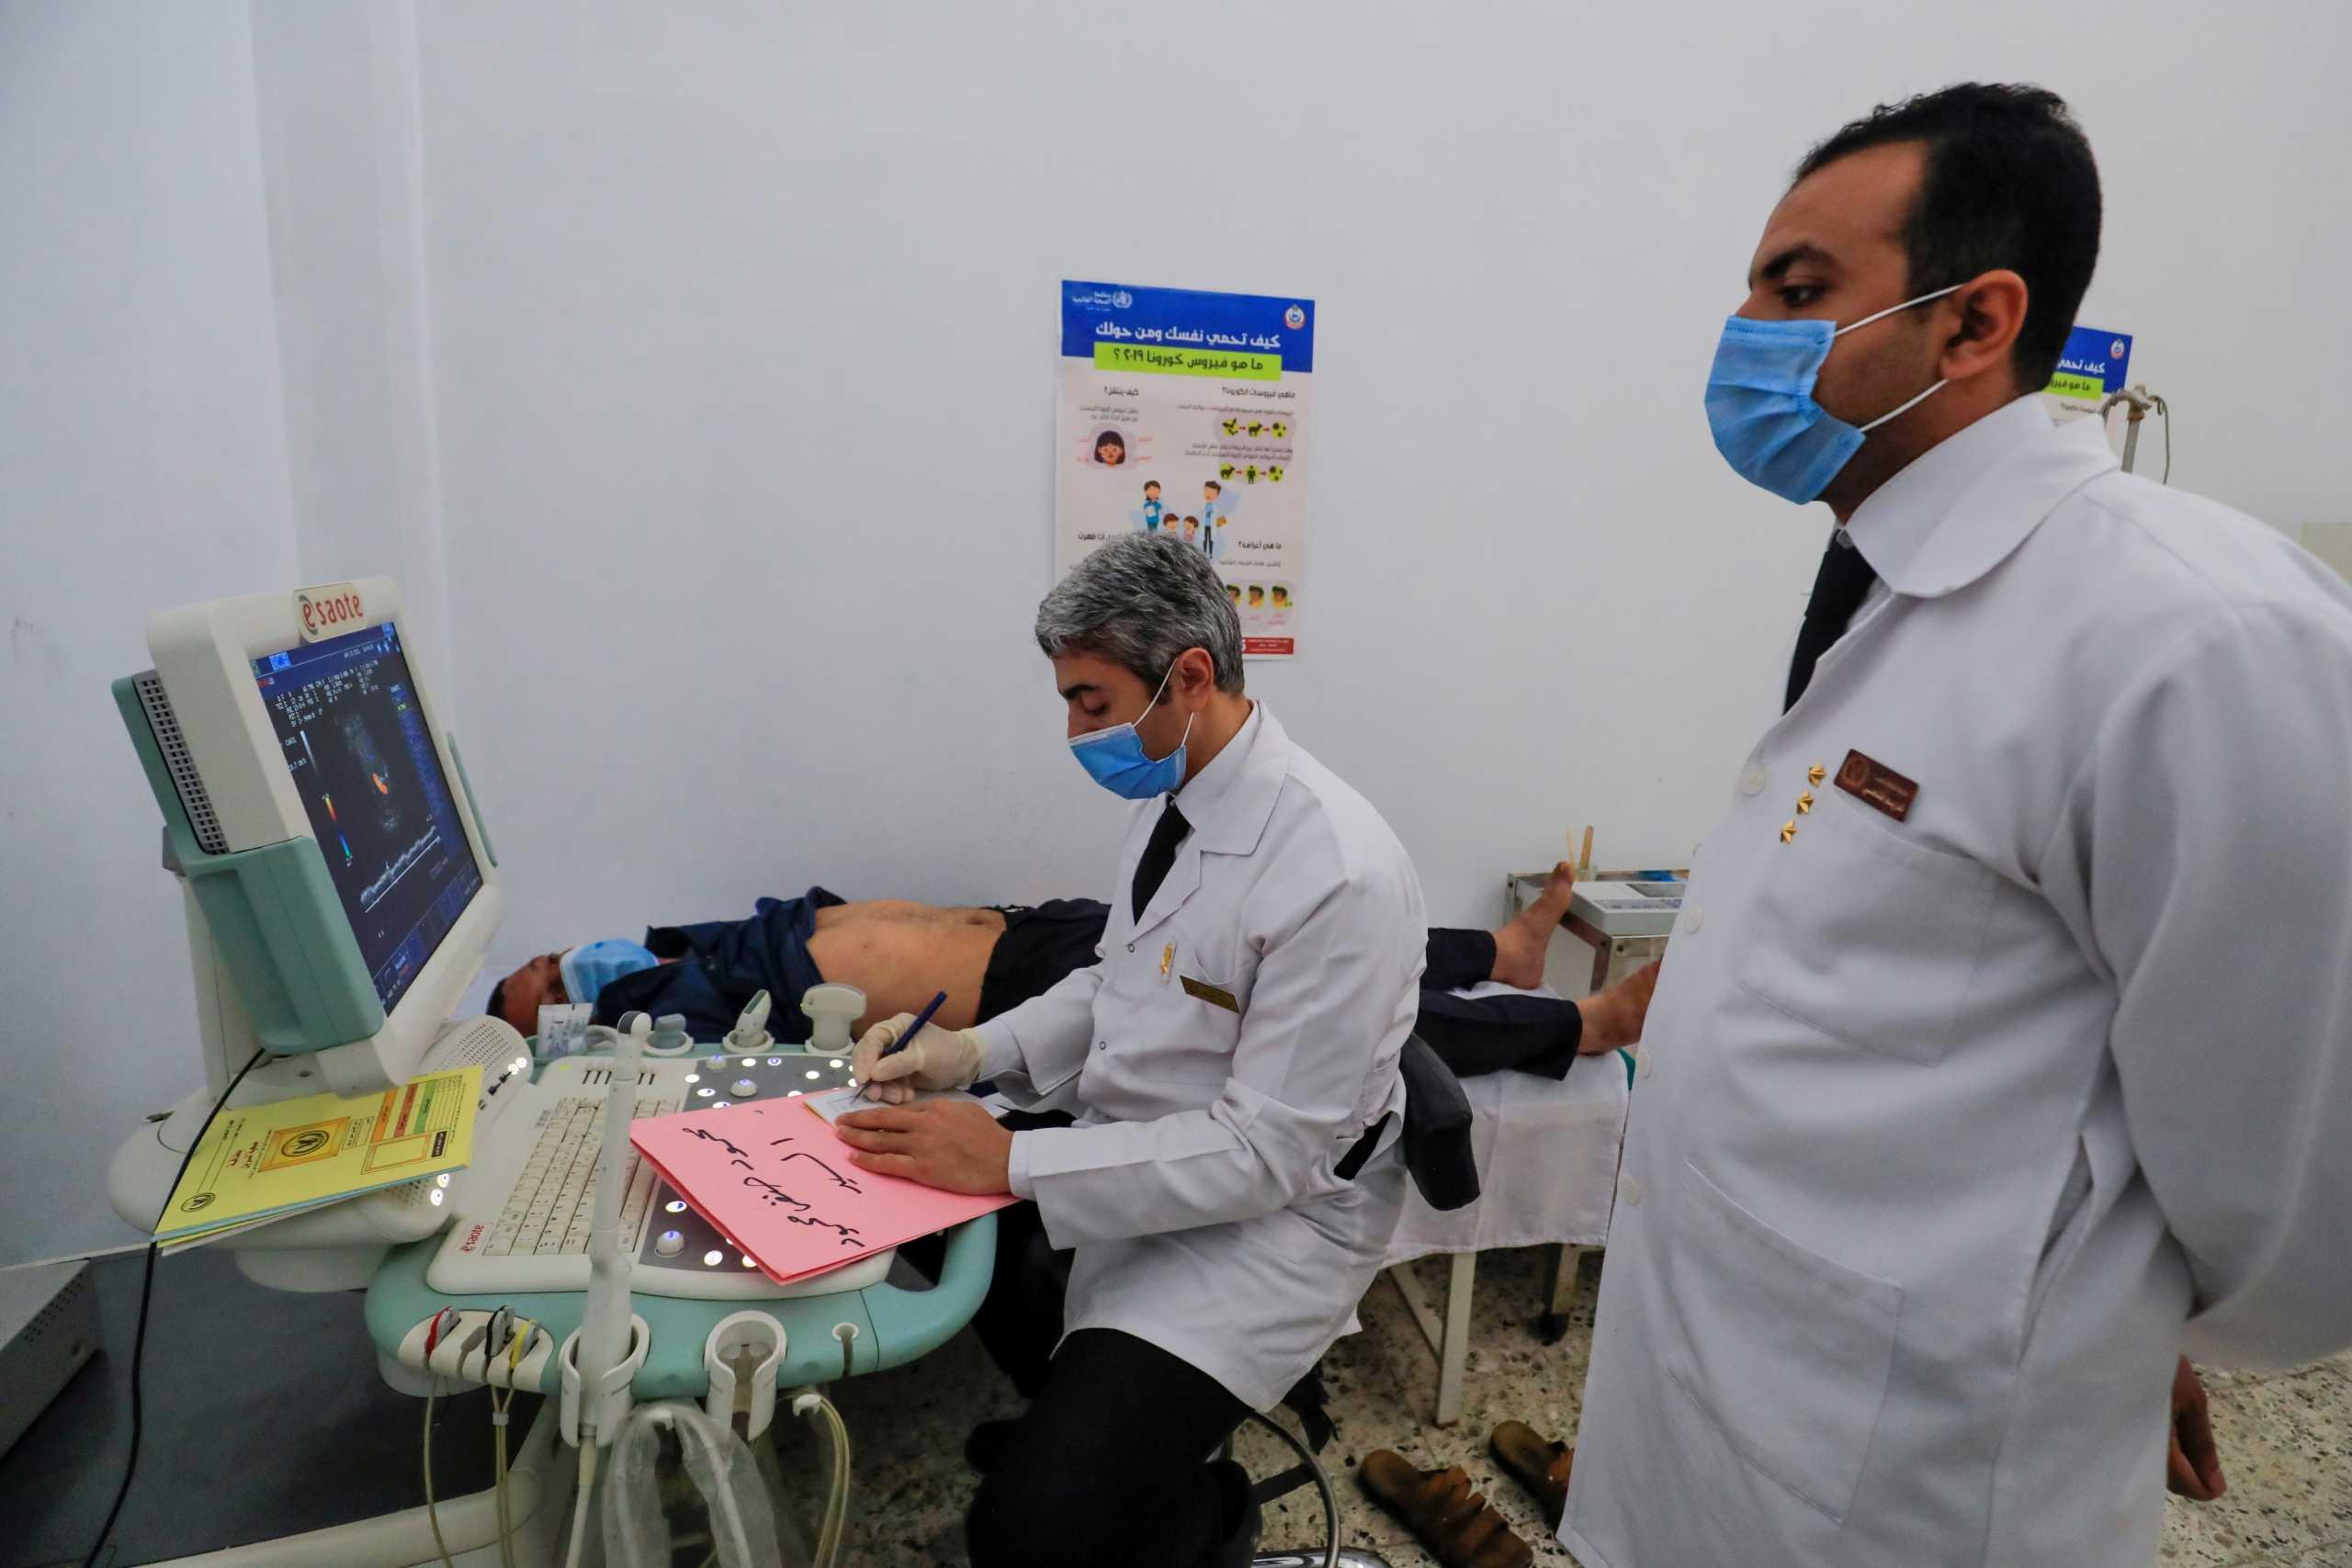 Σοκ στην Αίγυπτο: 61 γιατροί θύματα της Covid-19 μόνο τον Απρίλιο